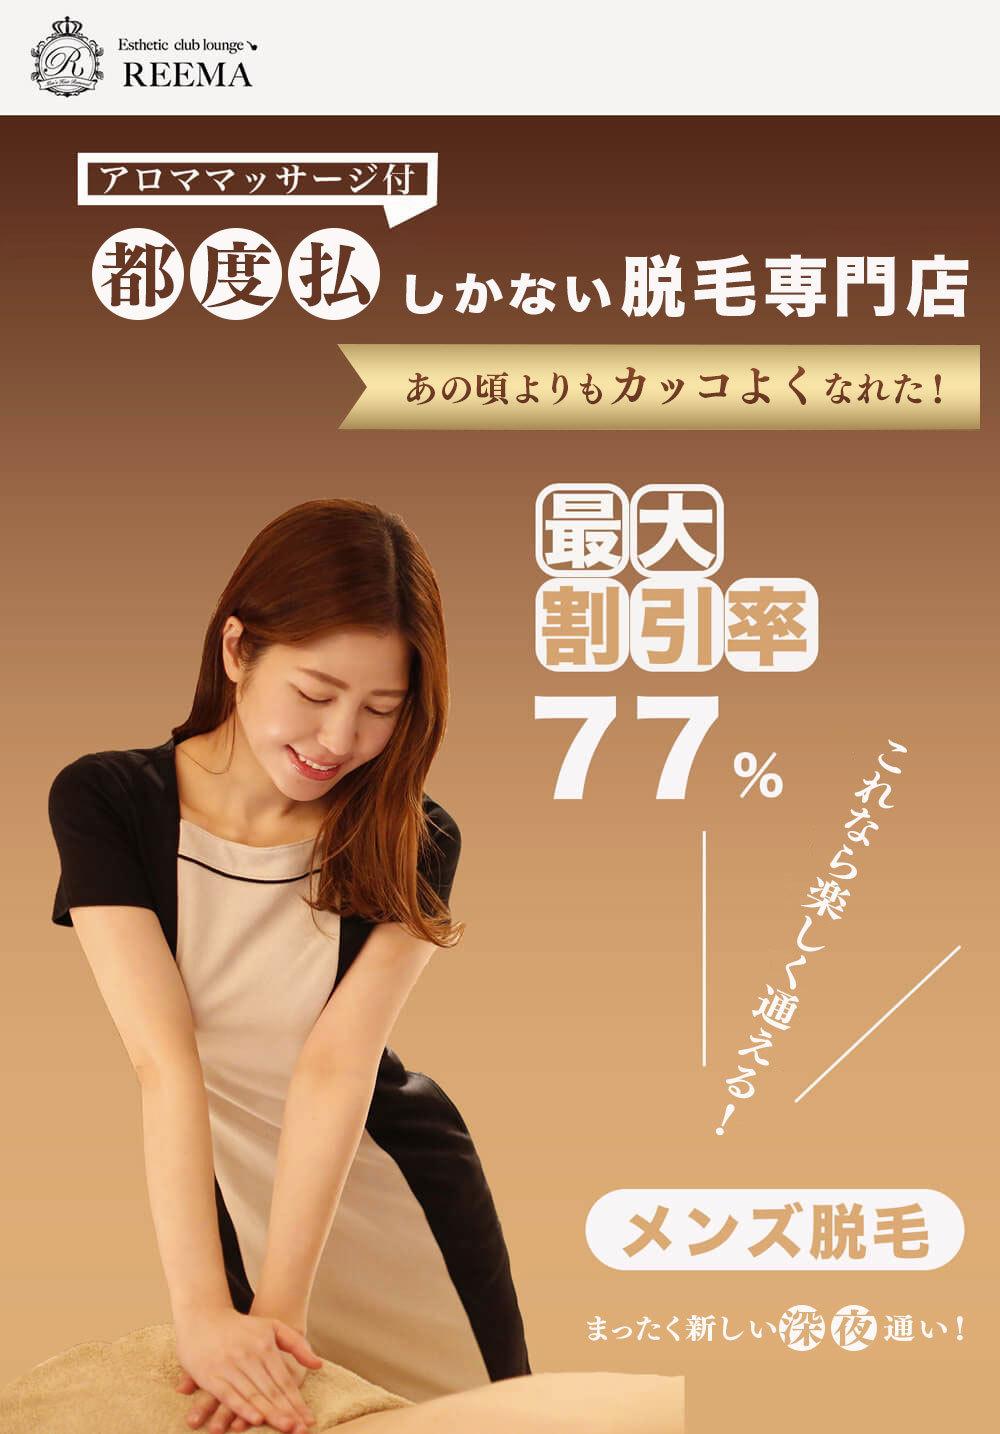 メンズ脱毛・ヒゲ脱毛・VIO脱毛専門店 RELLIN22【レリン】